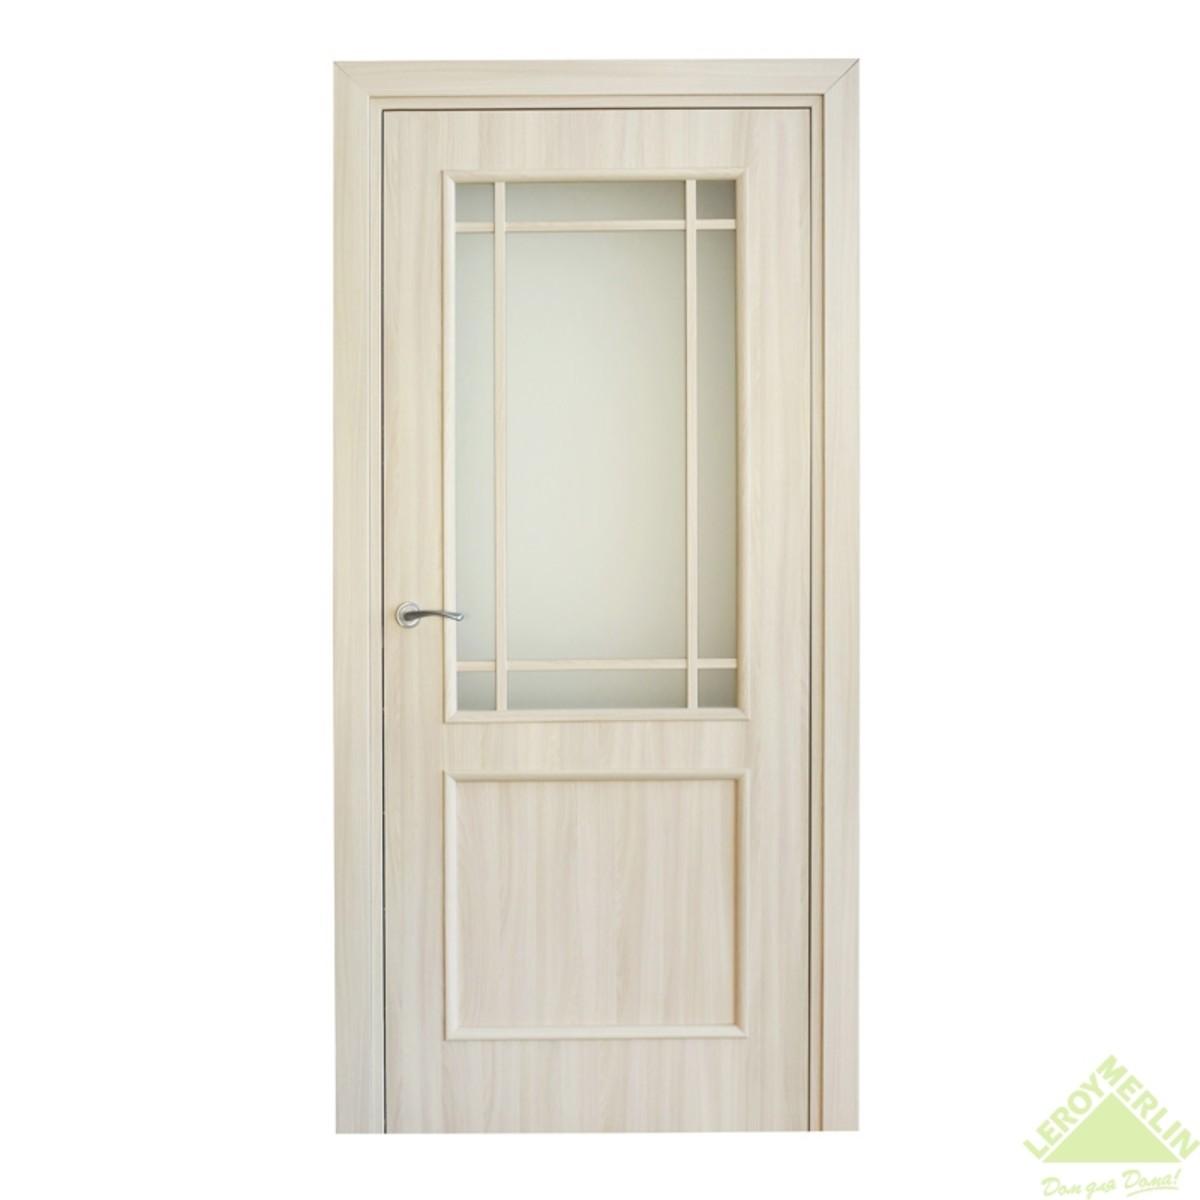 Дверь Межкомнатная Остеклённая Фортунато Классика 90x200 Ламинация Цвет Ясень